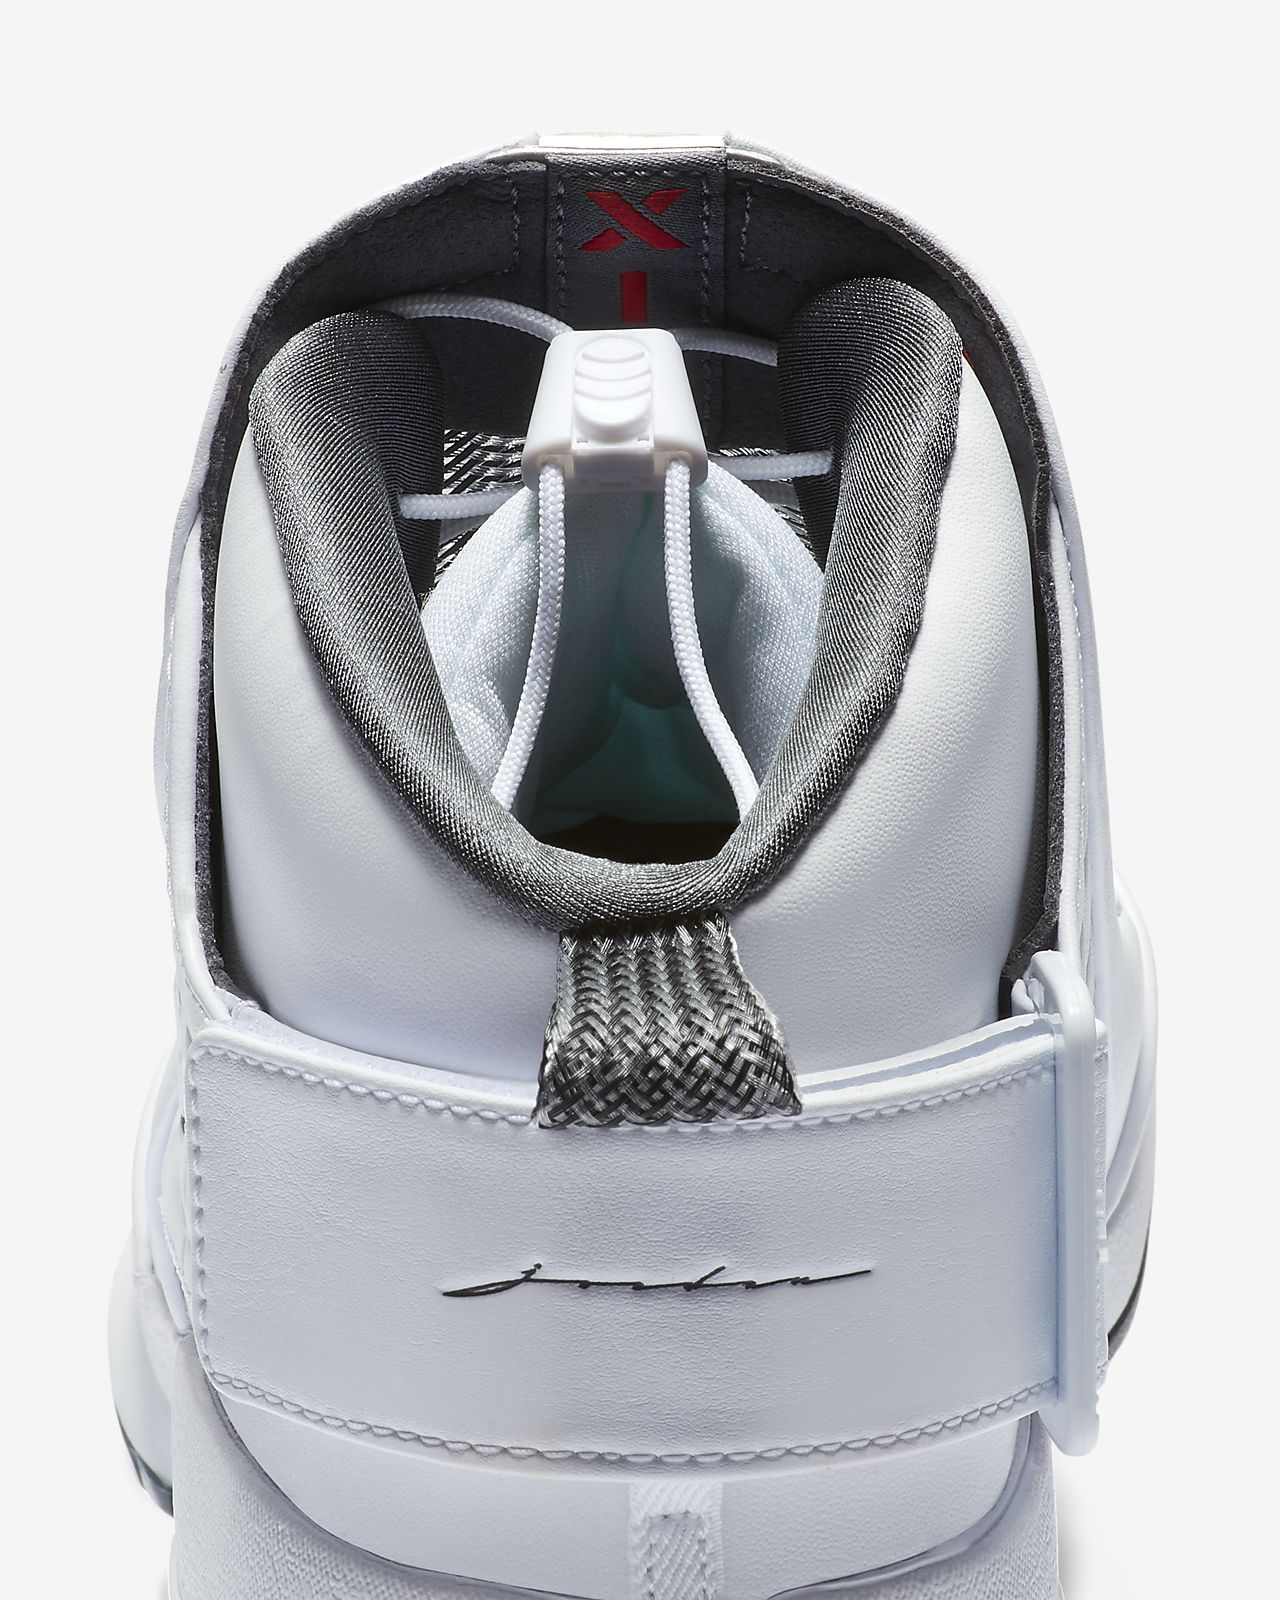 c4e6aab075e581 Air Jordan 19 Retro Men s Shoe. Nike.com MY